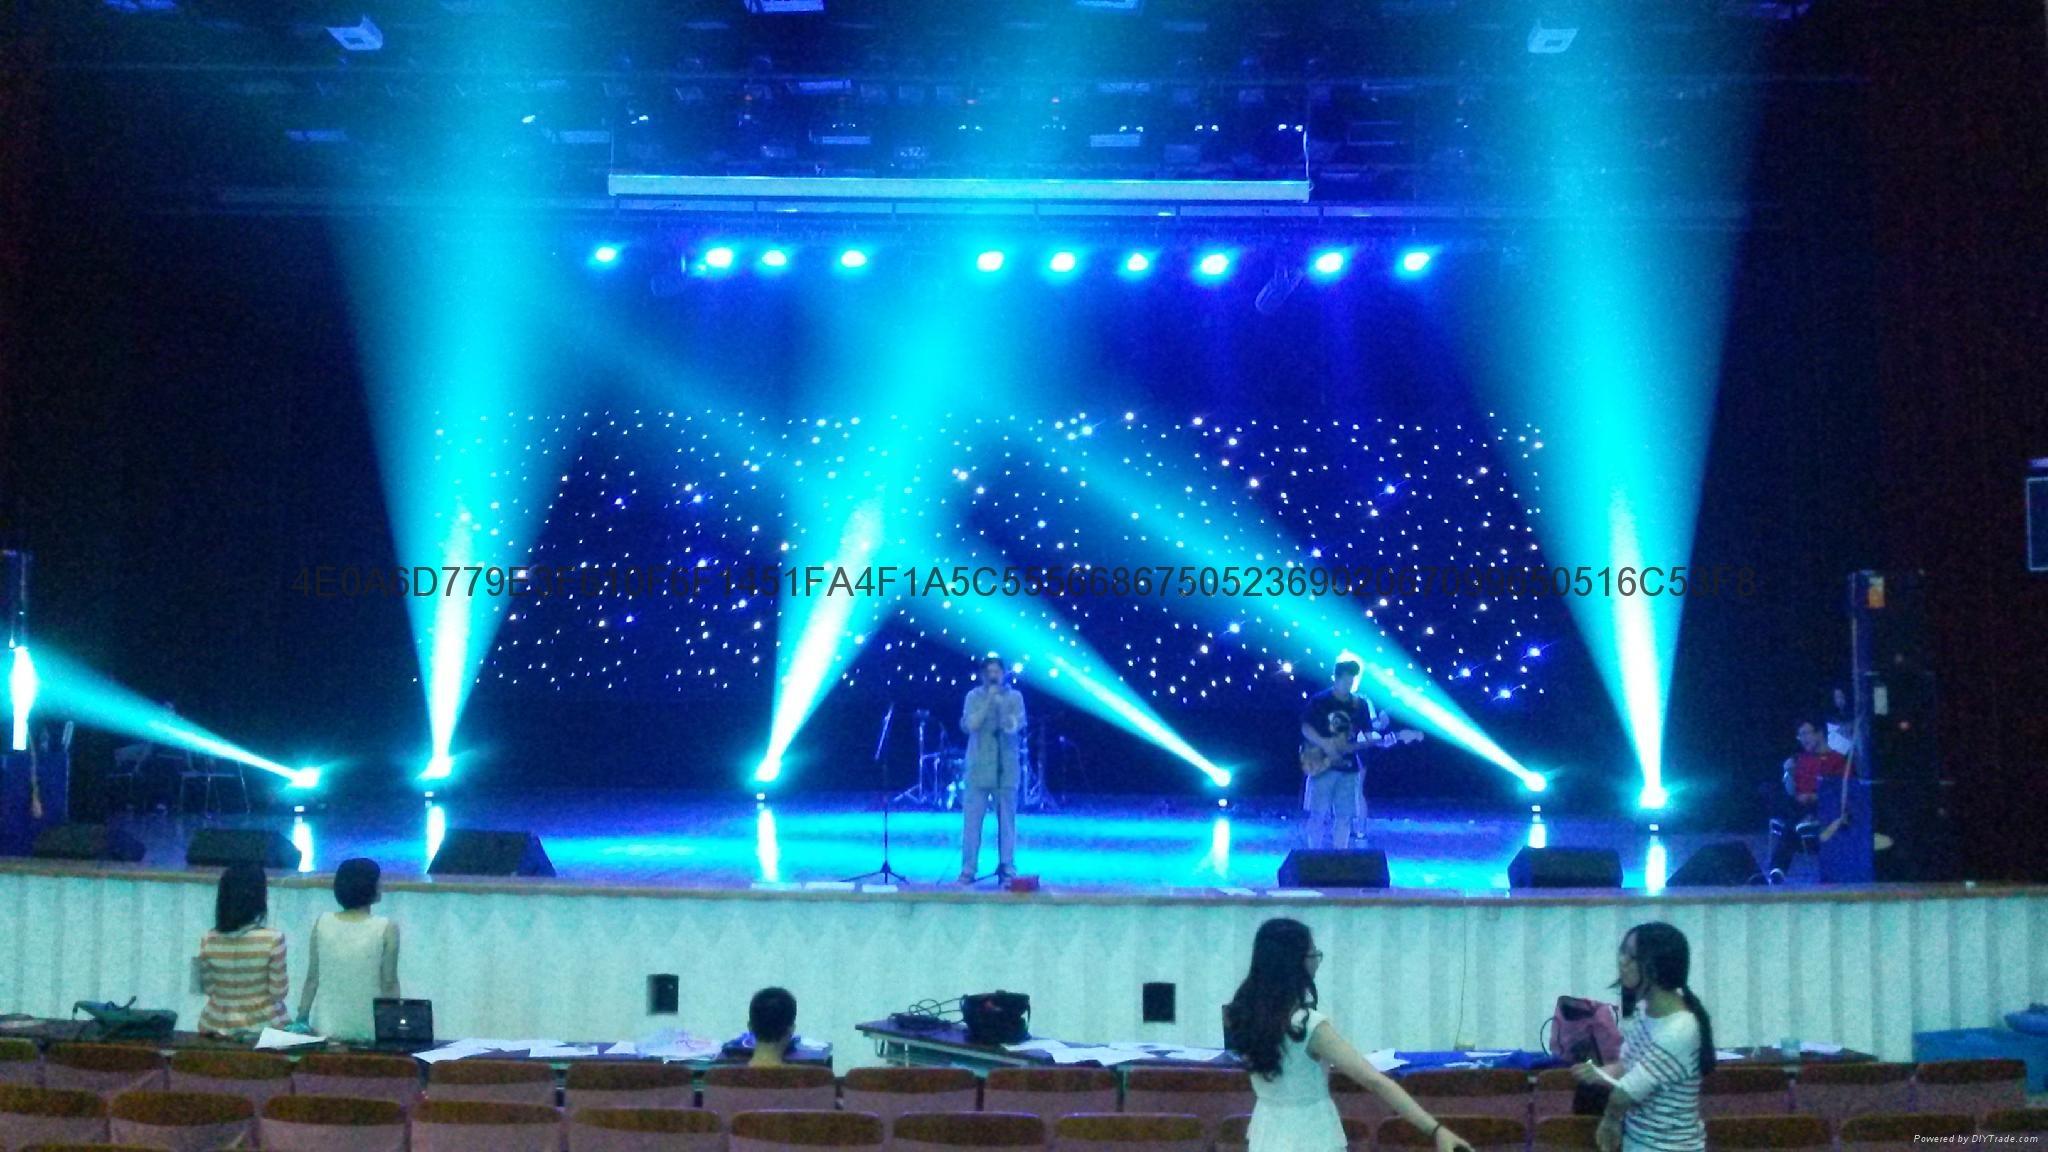 上海松江演出灯光音响设备租赁 2